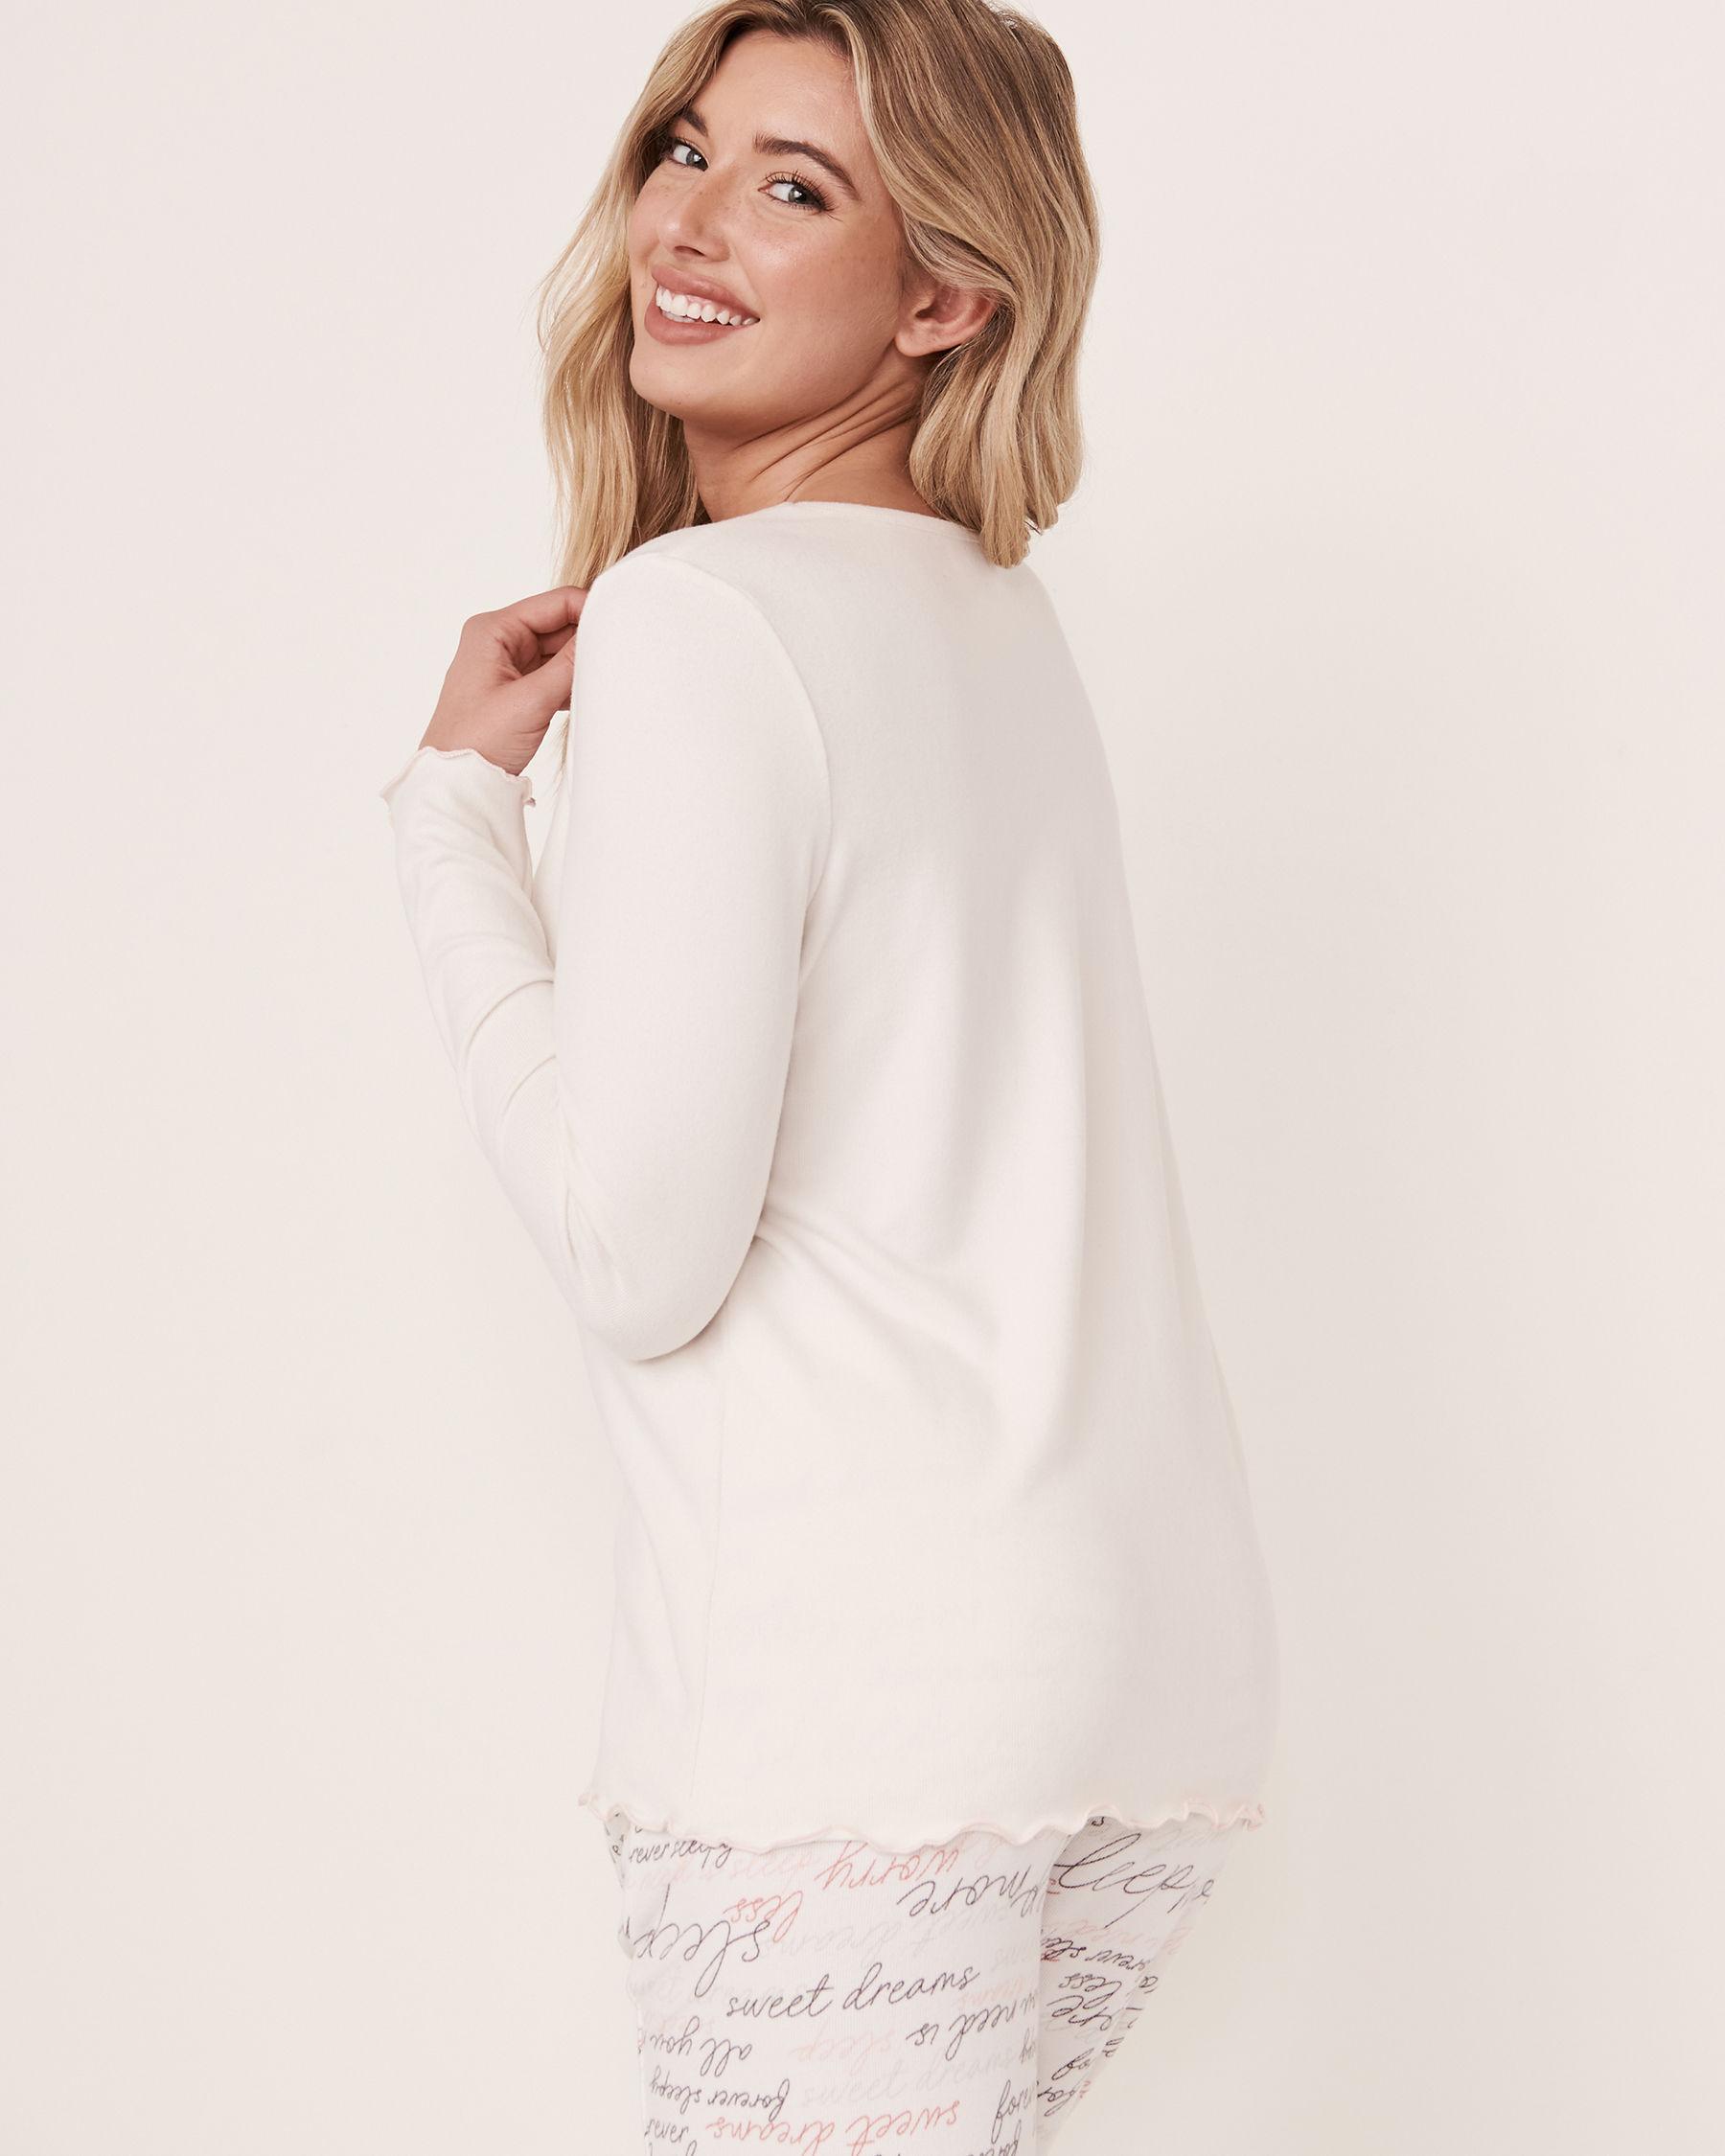 LA VIE EN ROSE Recycled Fibers Scoop Neck Long Sleeve Shirt White 40100093 - View2